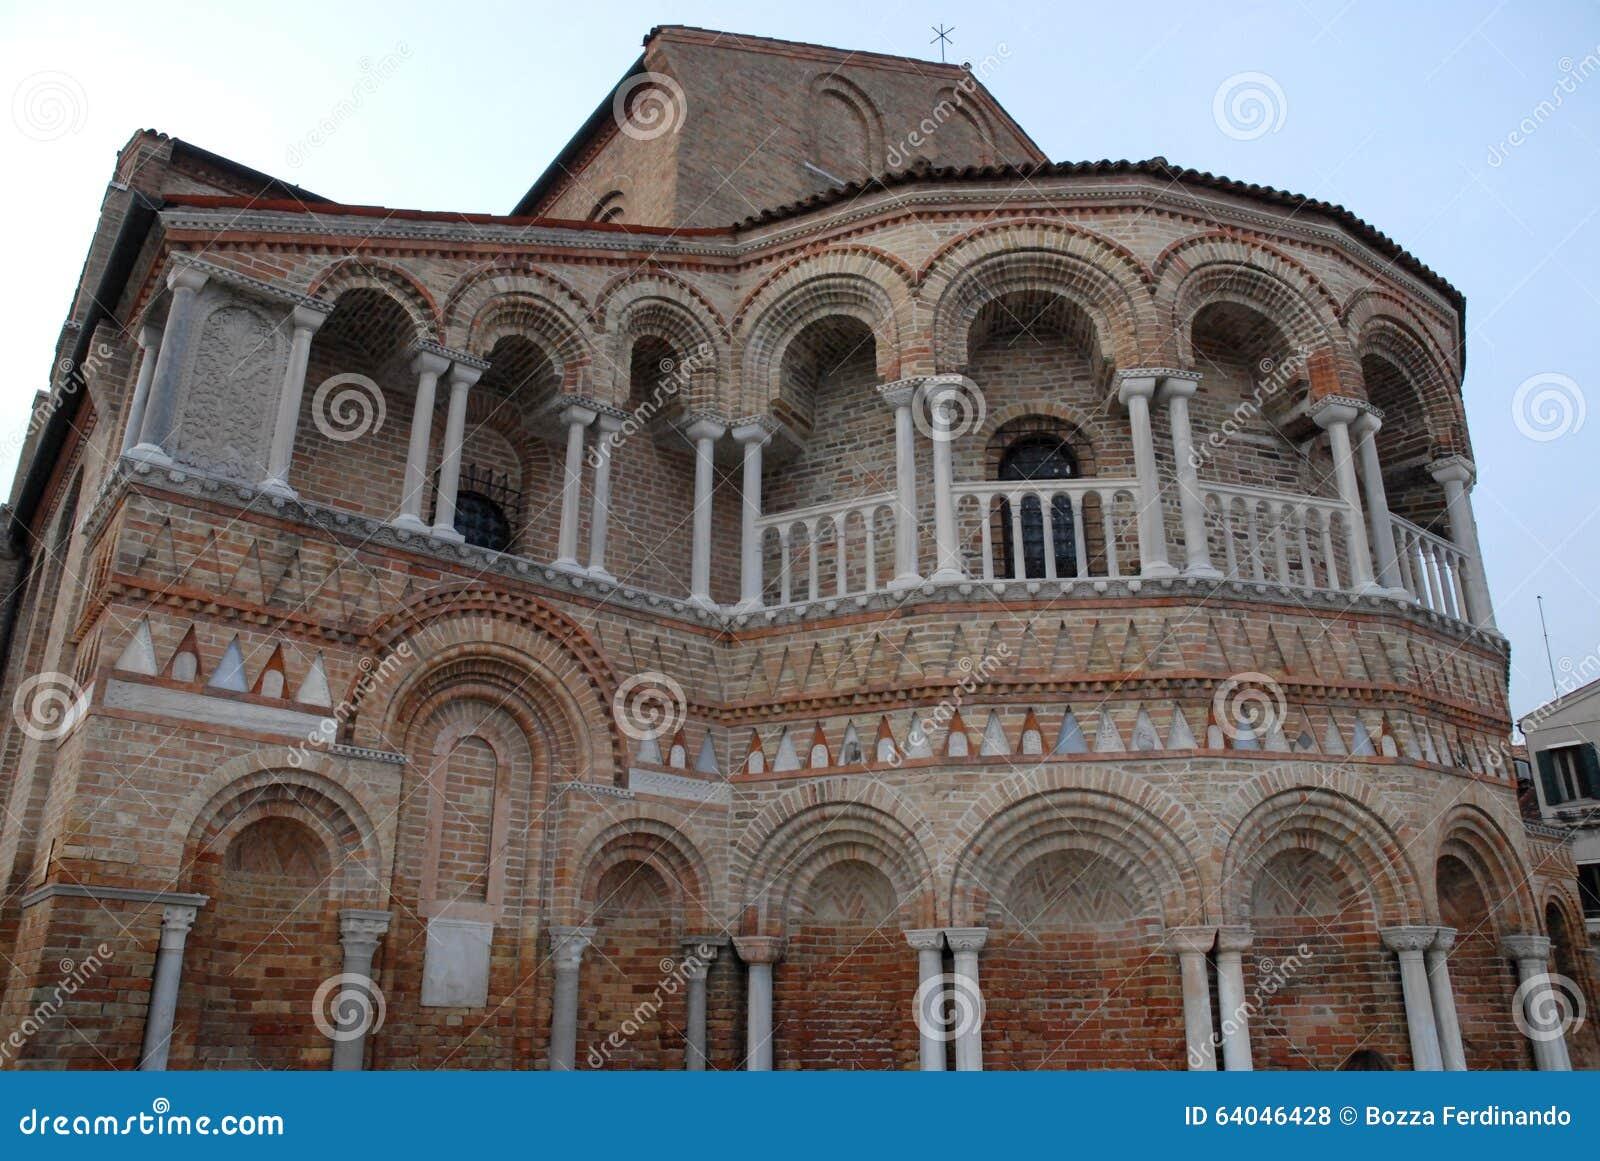 La pared externa del ábside de la catedral de Murano en el municipio de Venecia en el Véneto (Italia)